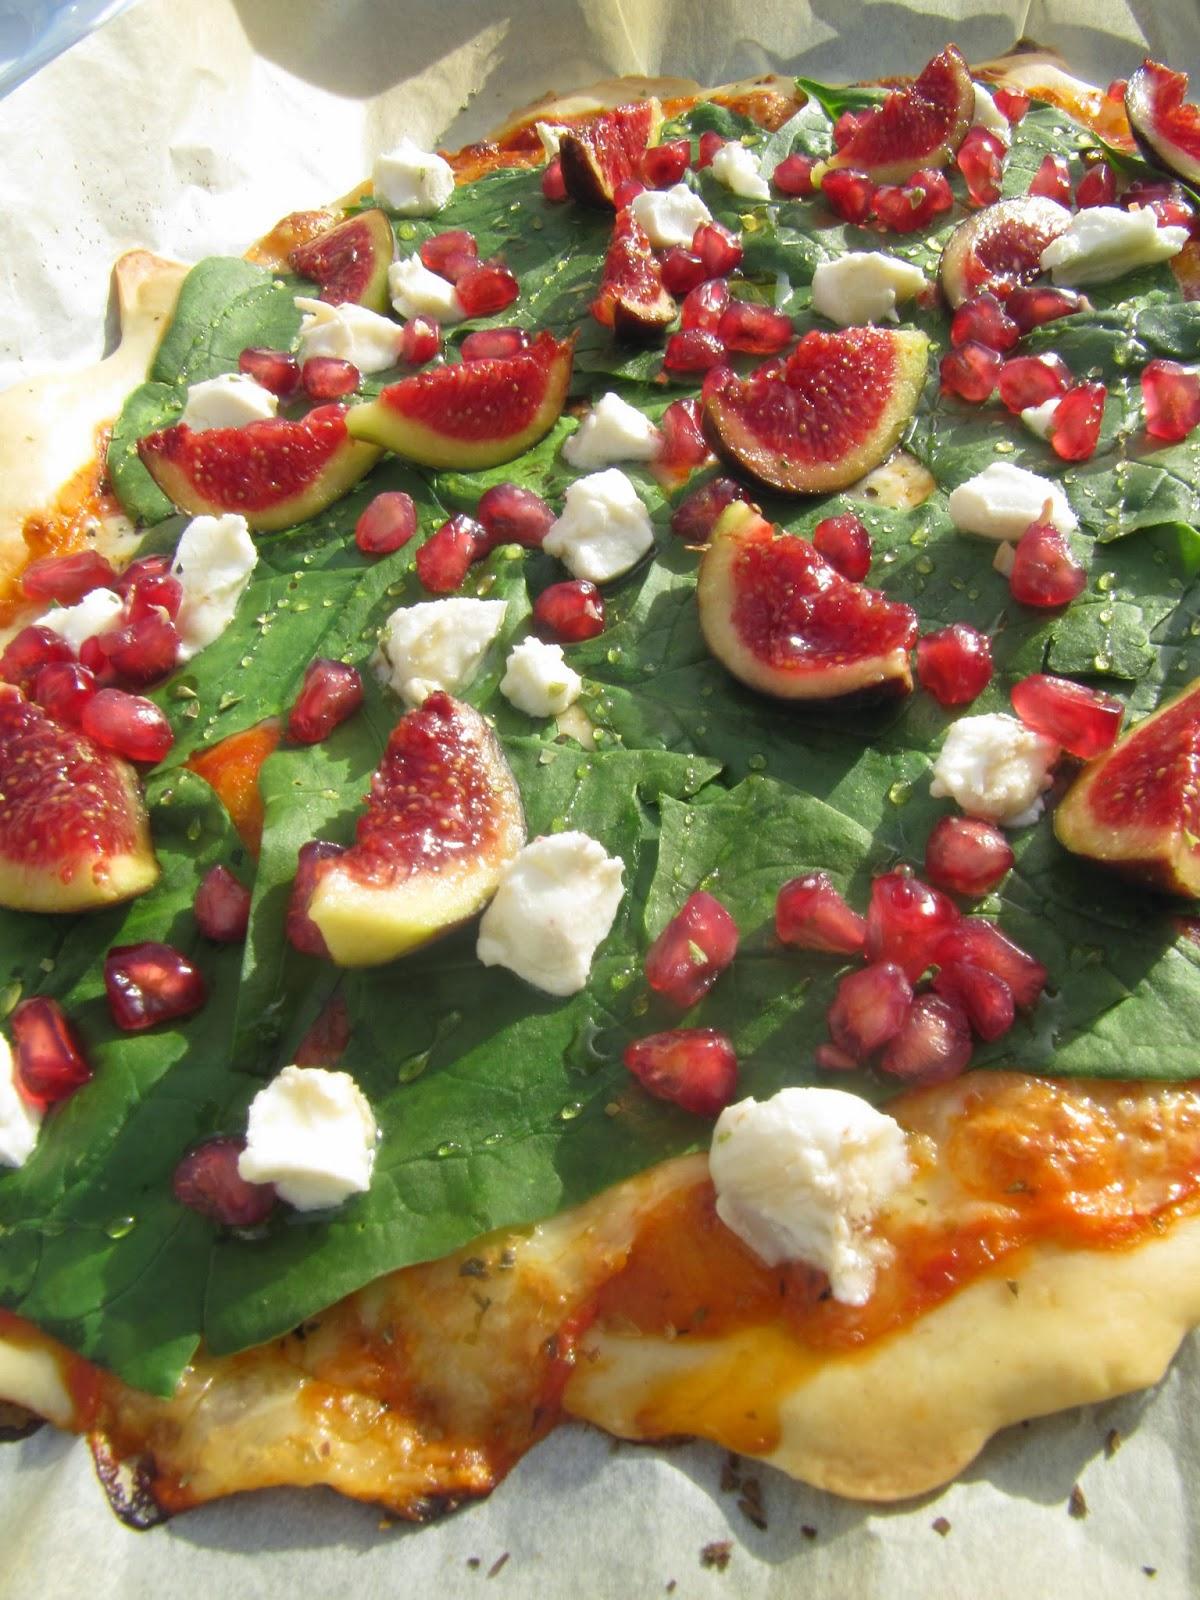 Pizza Espinacas frescas, queso de cabra , higos, miel, granada y uva